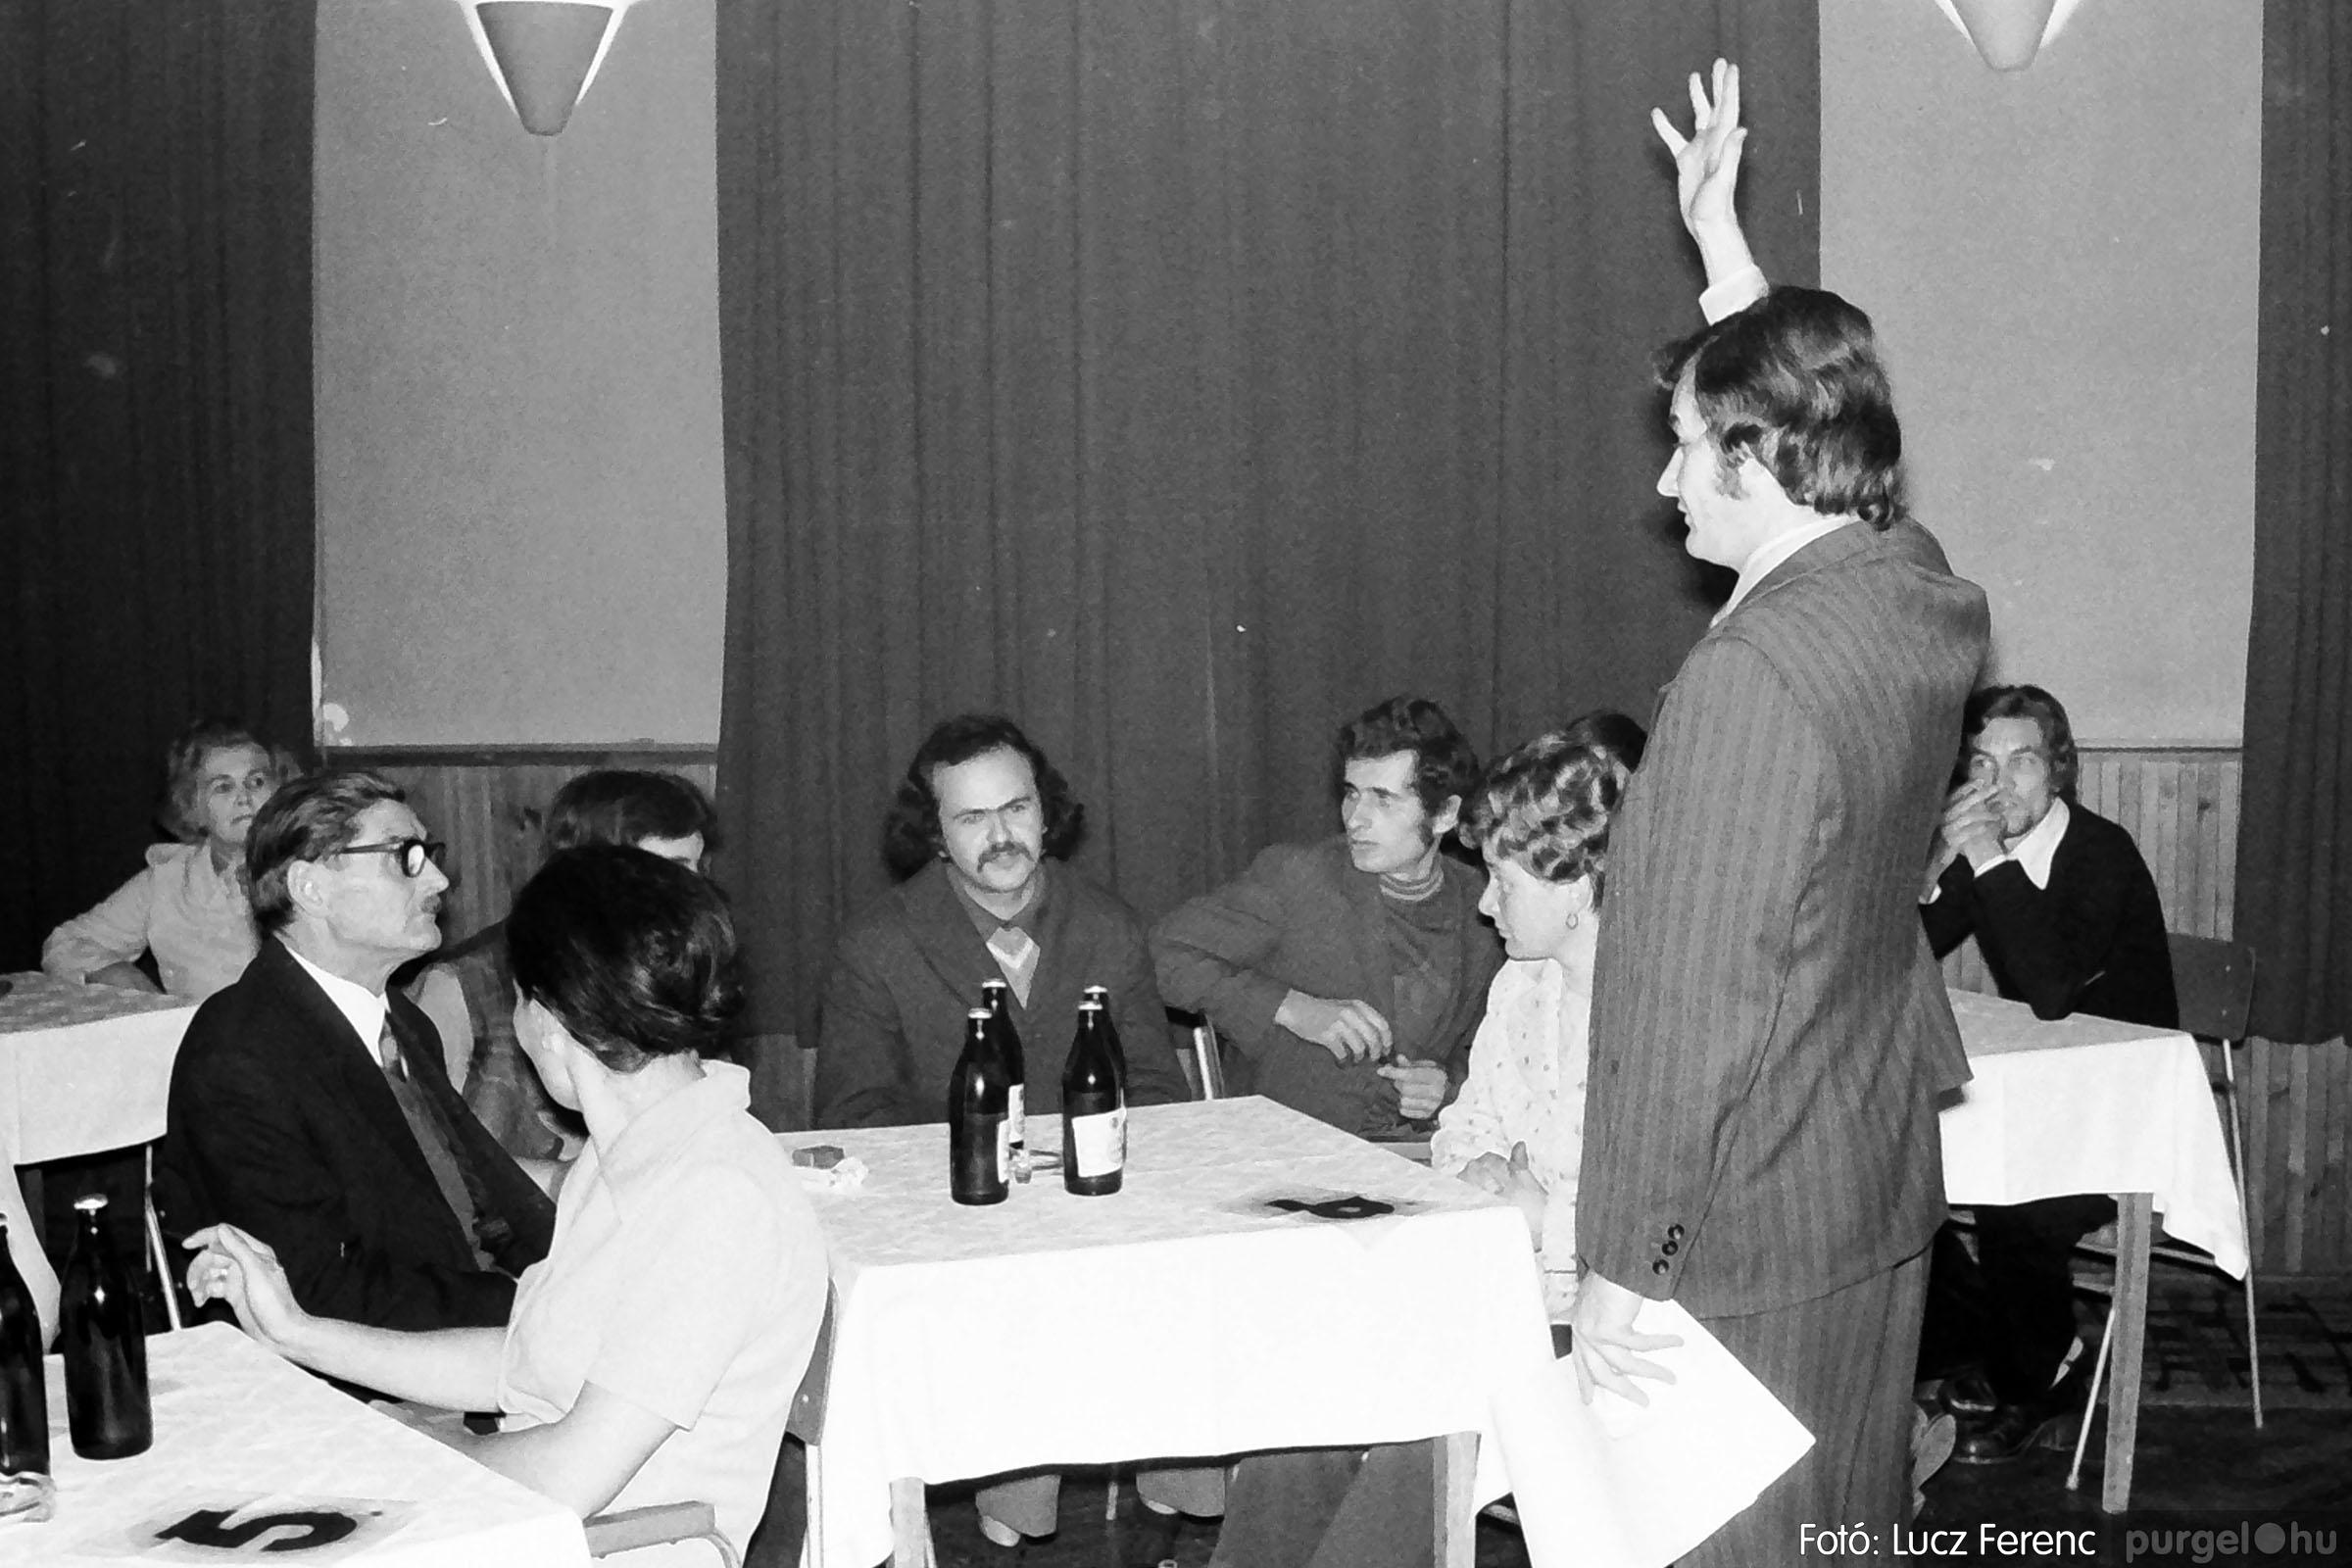 004A 1970-es évek - Kendergyári dolgozók vetélkedője 006 - Fotó: Lucz Ferenc IMG00086q.jpg